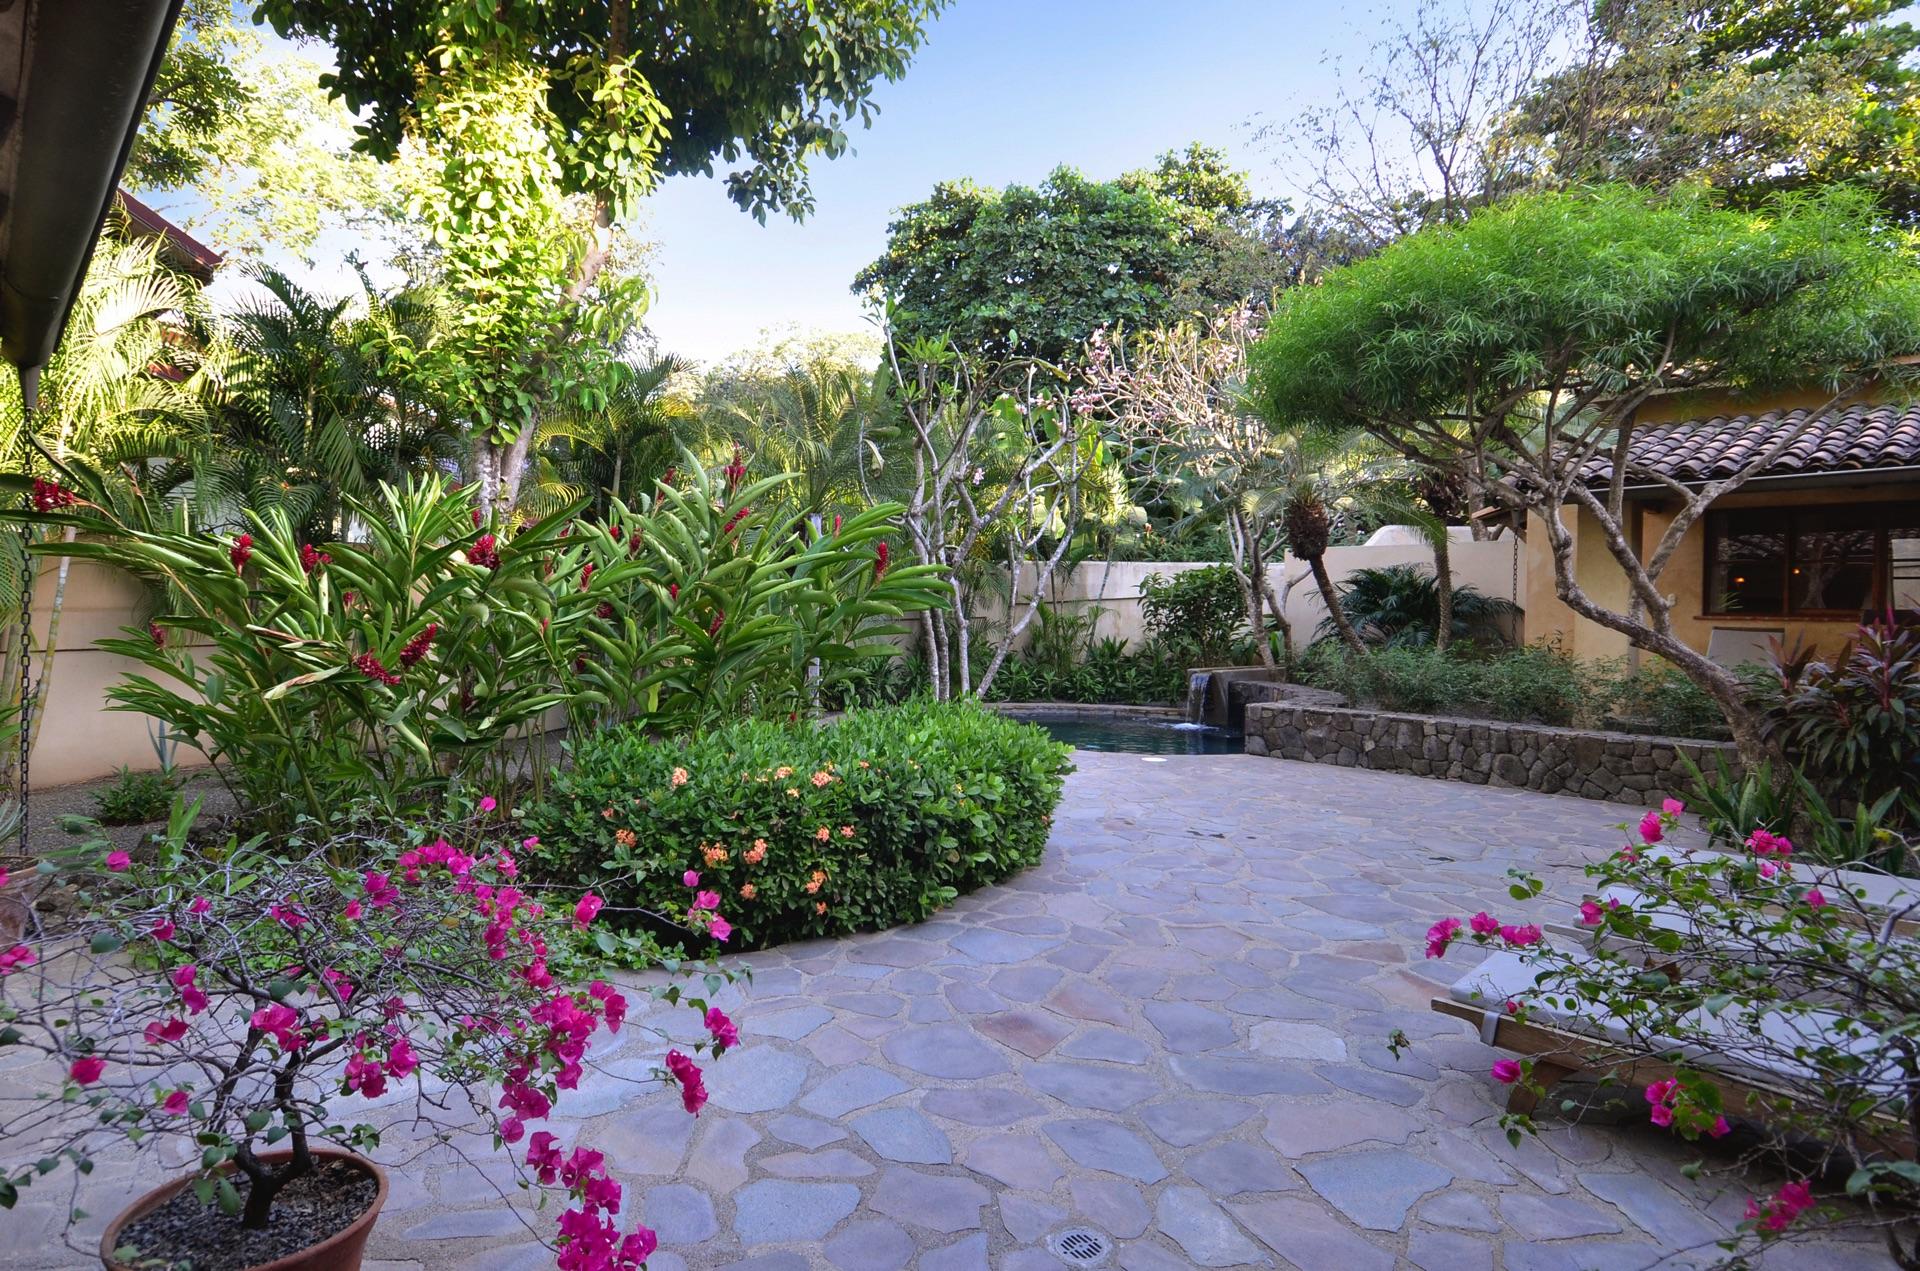 The courtyard at Hacienda del Pacifico